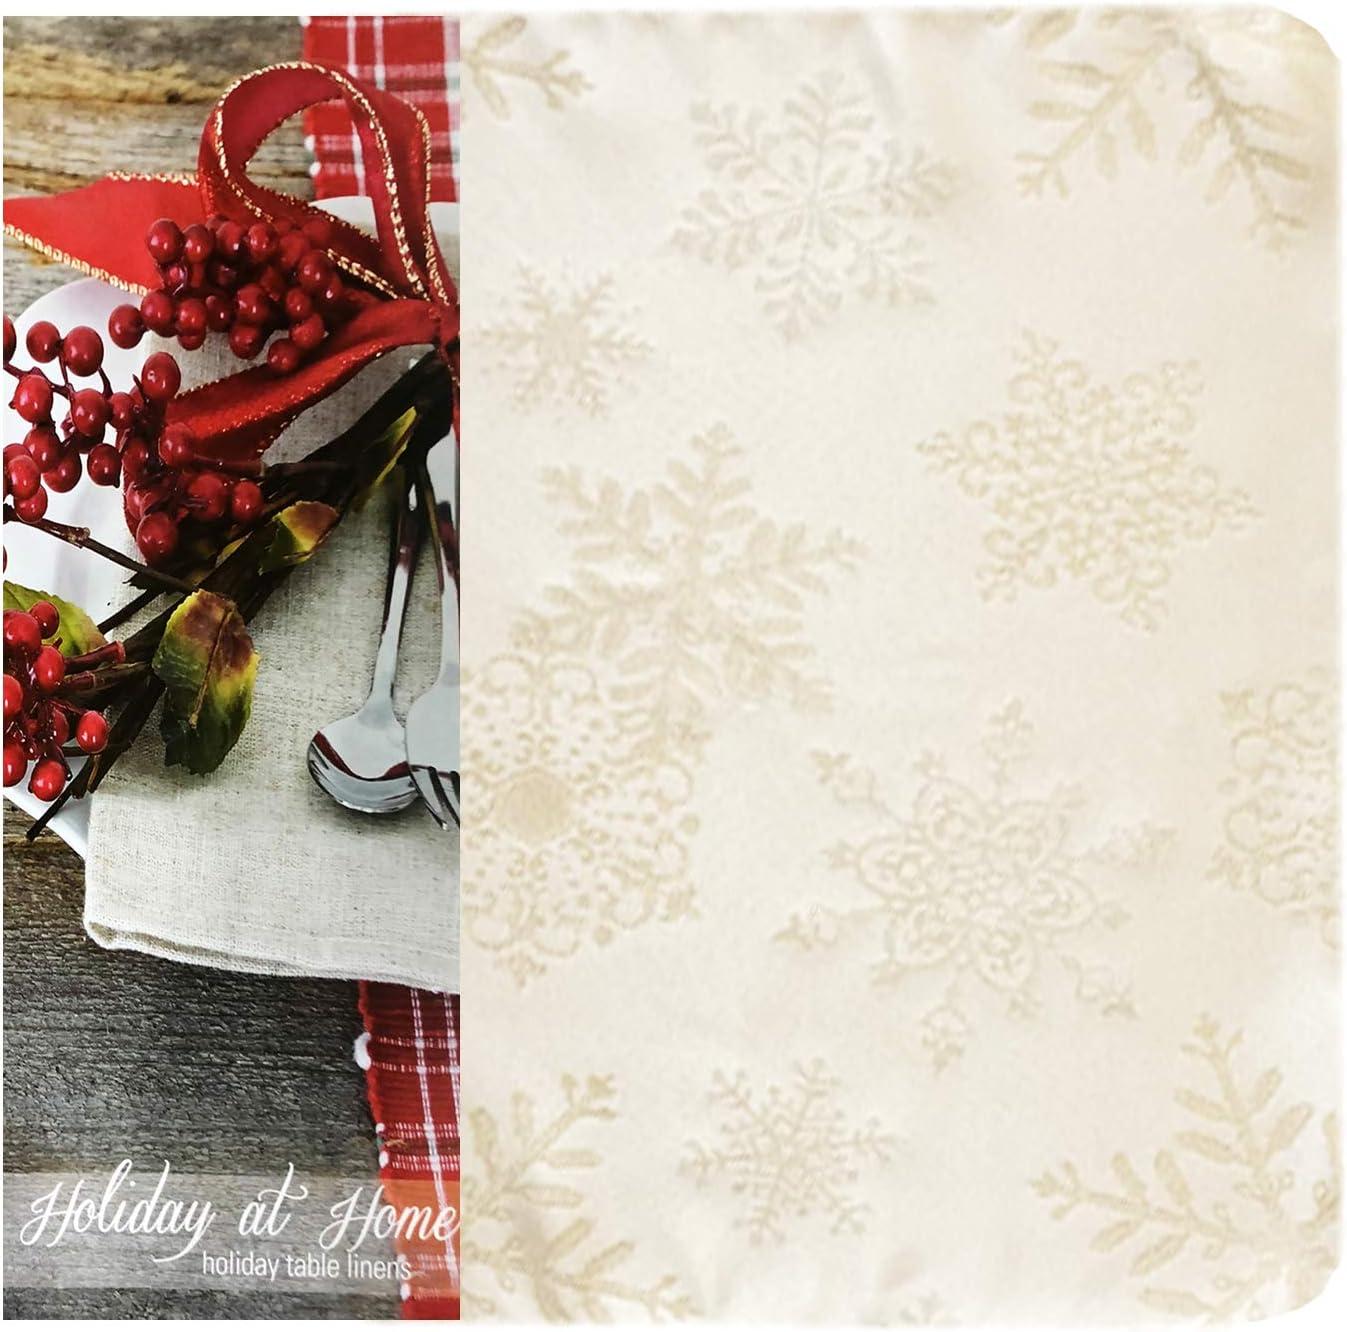 Sparkling Snowflakes Lurex Woven No Iron Easy Care Set of 8 Napkins Ivory//Gold Stain Release Napkins Newbridge Fancy Metallic Snowflake Christmas No-Iron Soil Resistant Fabric Holiday Napkins